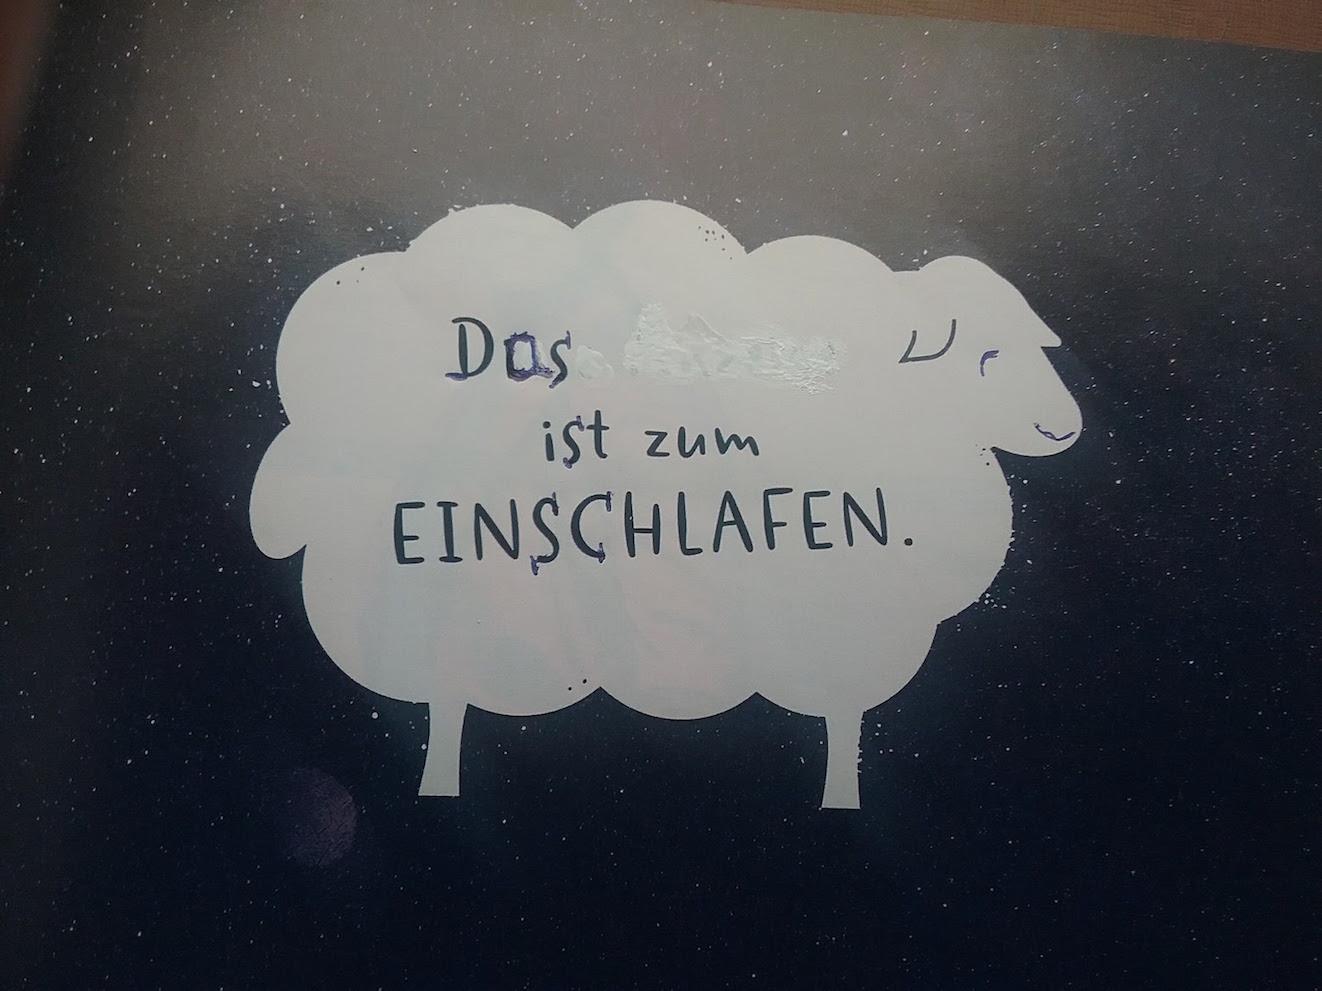 Bild _ EinschlafSchaf